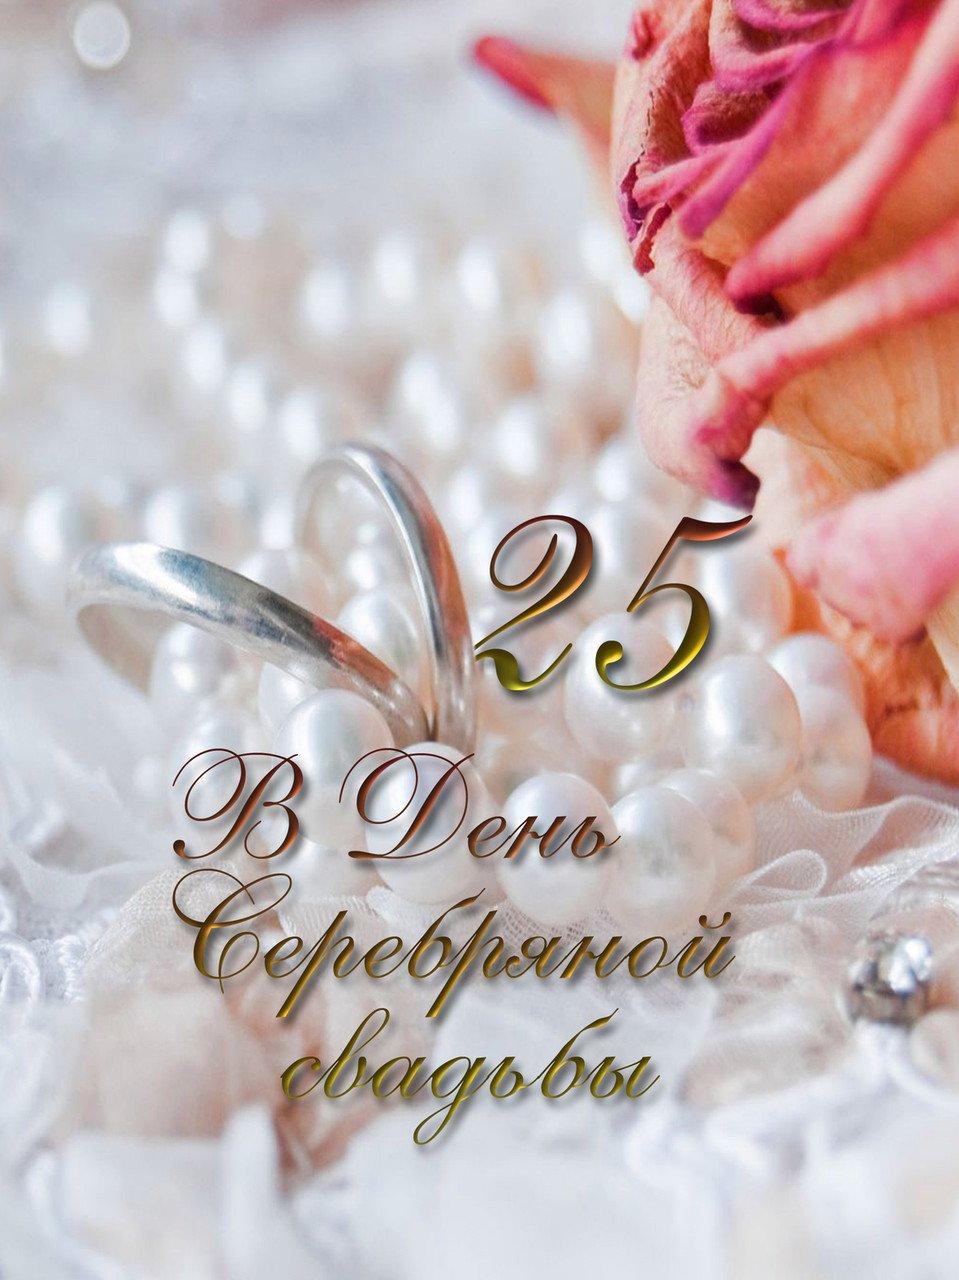 Открытки к юбилею 25 лет свадьбы